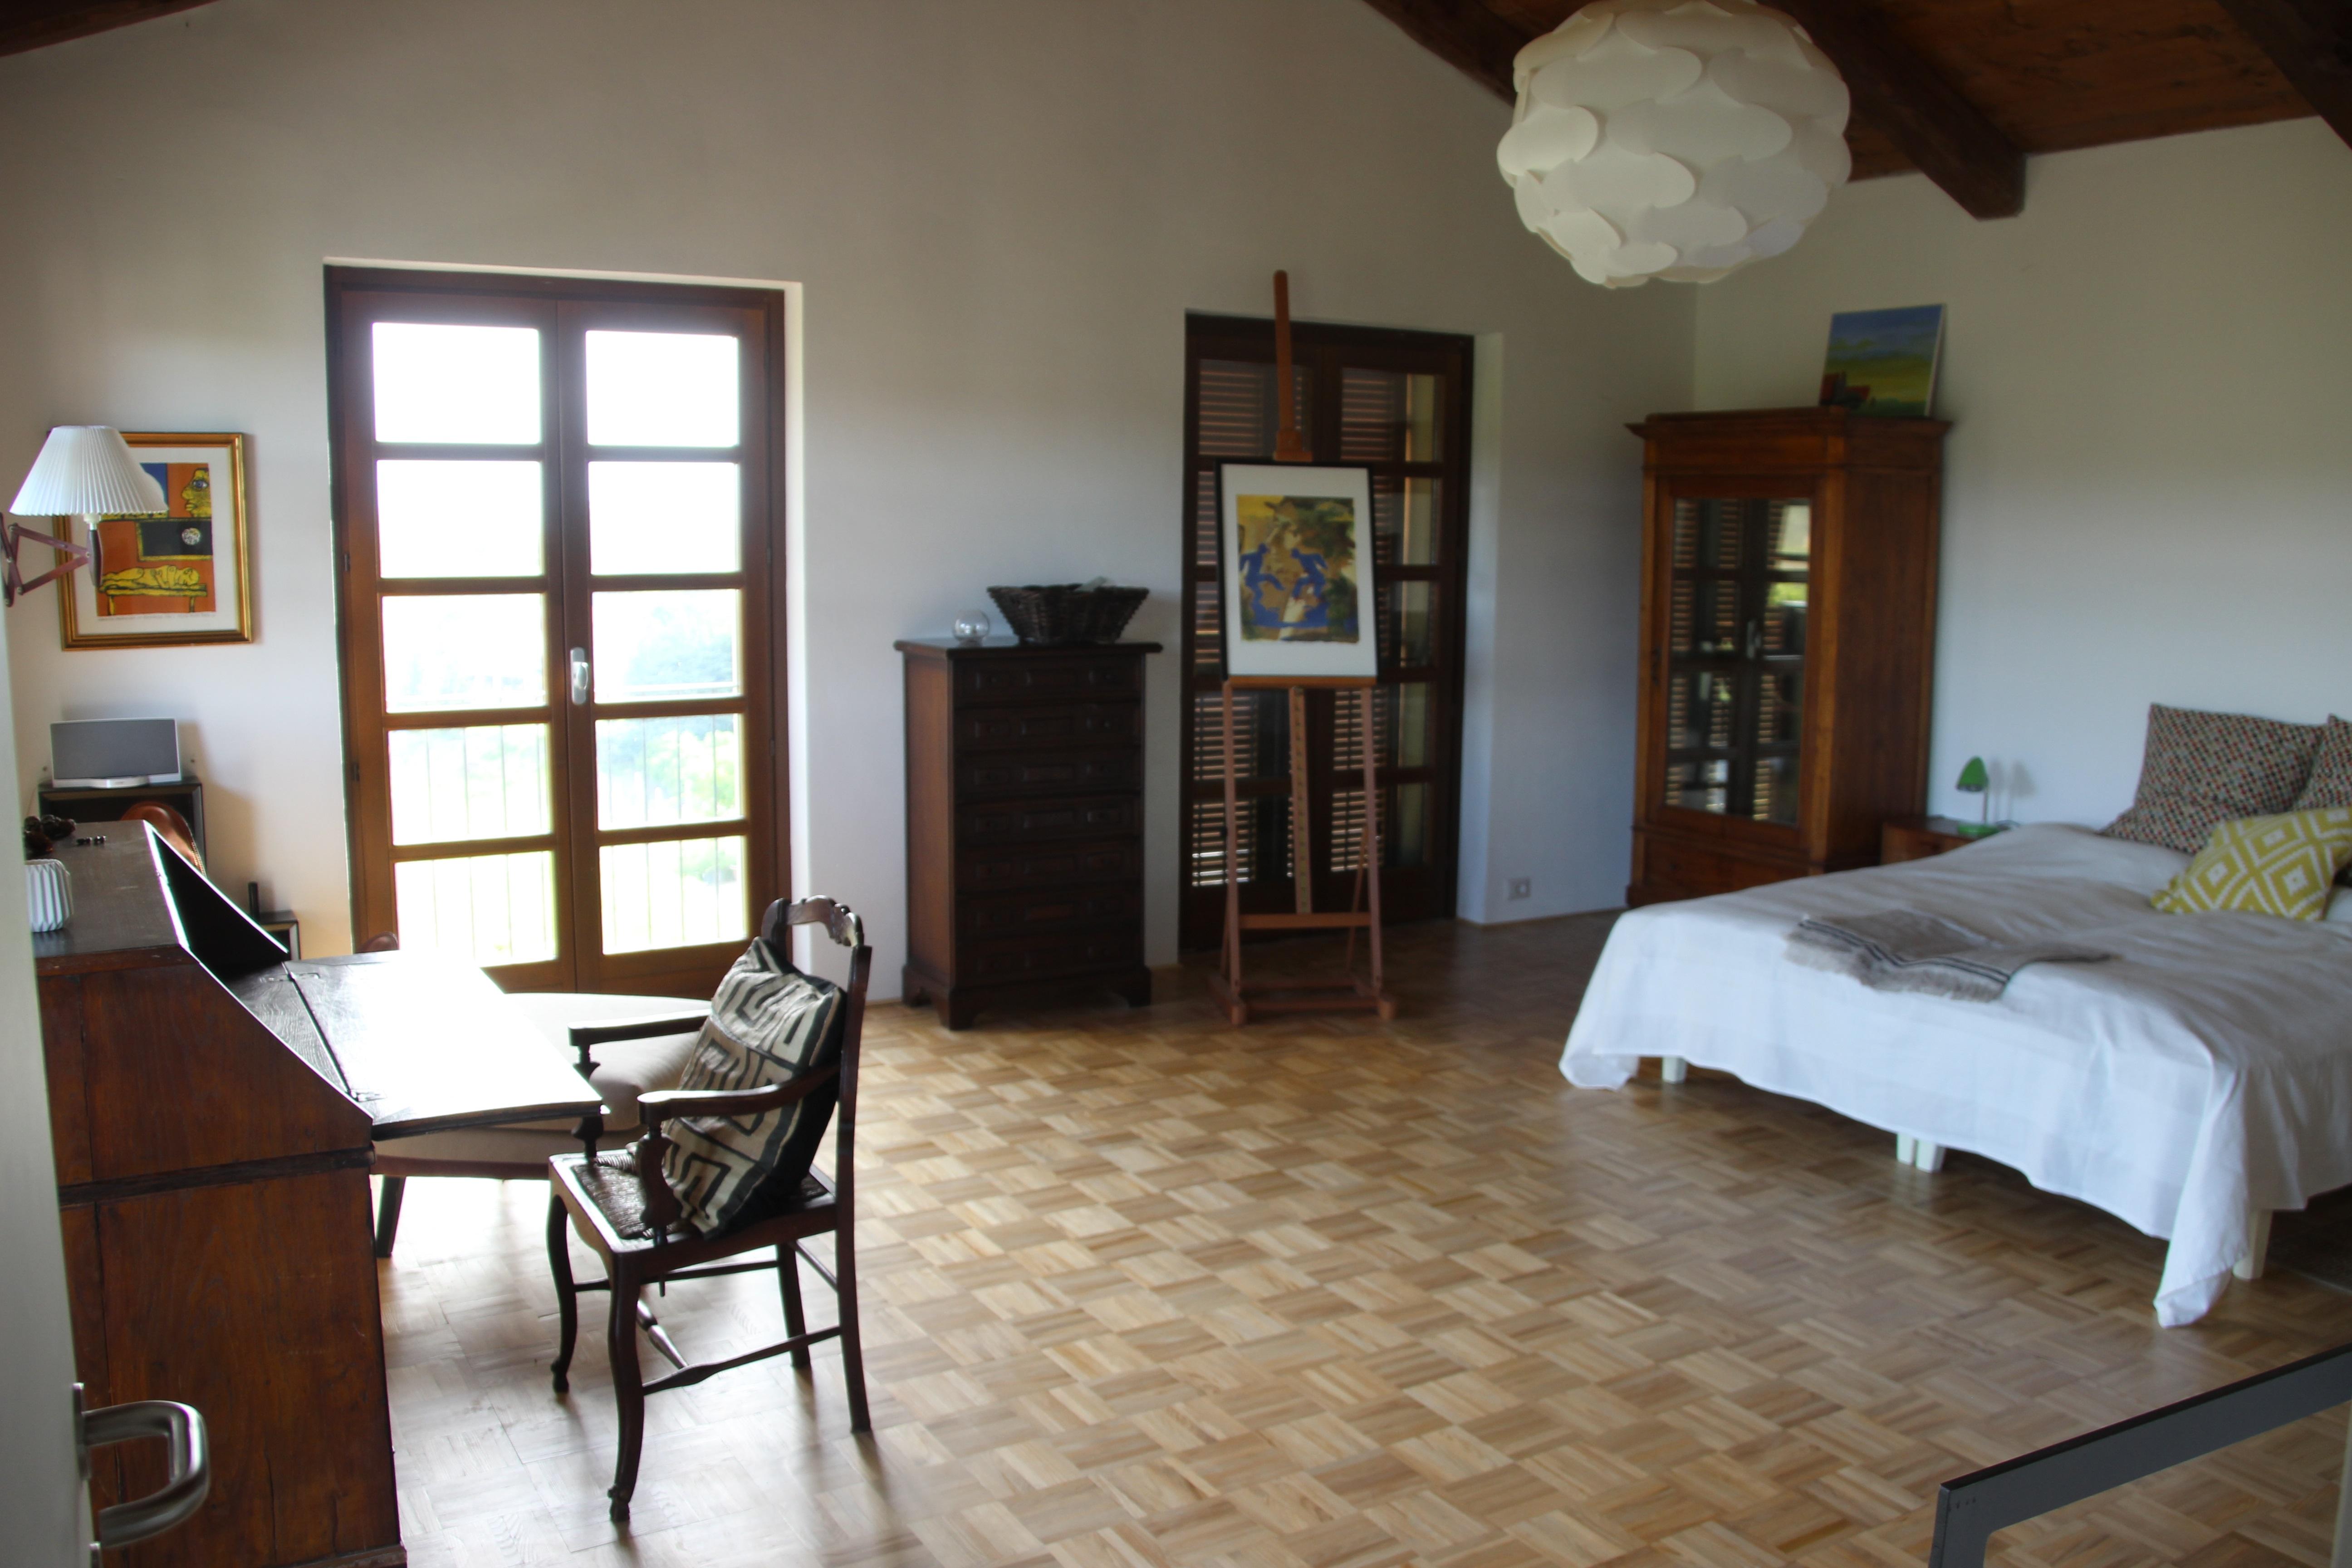 Soveværelse i øverste sydlige hjørne af huset